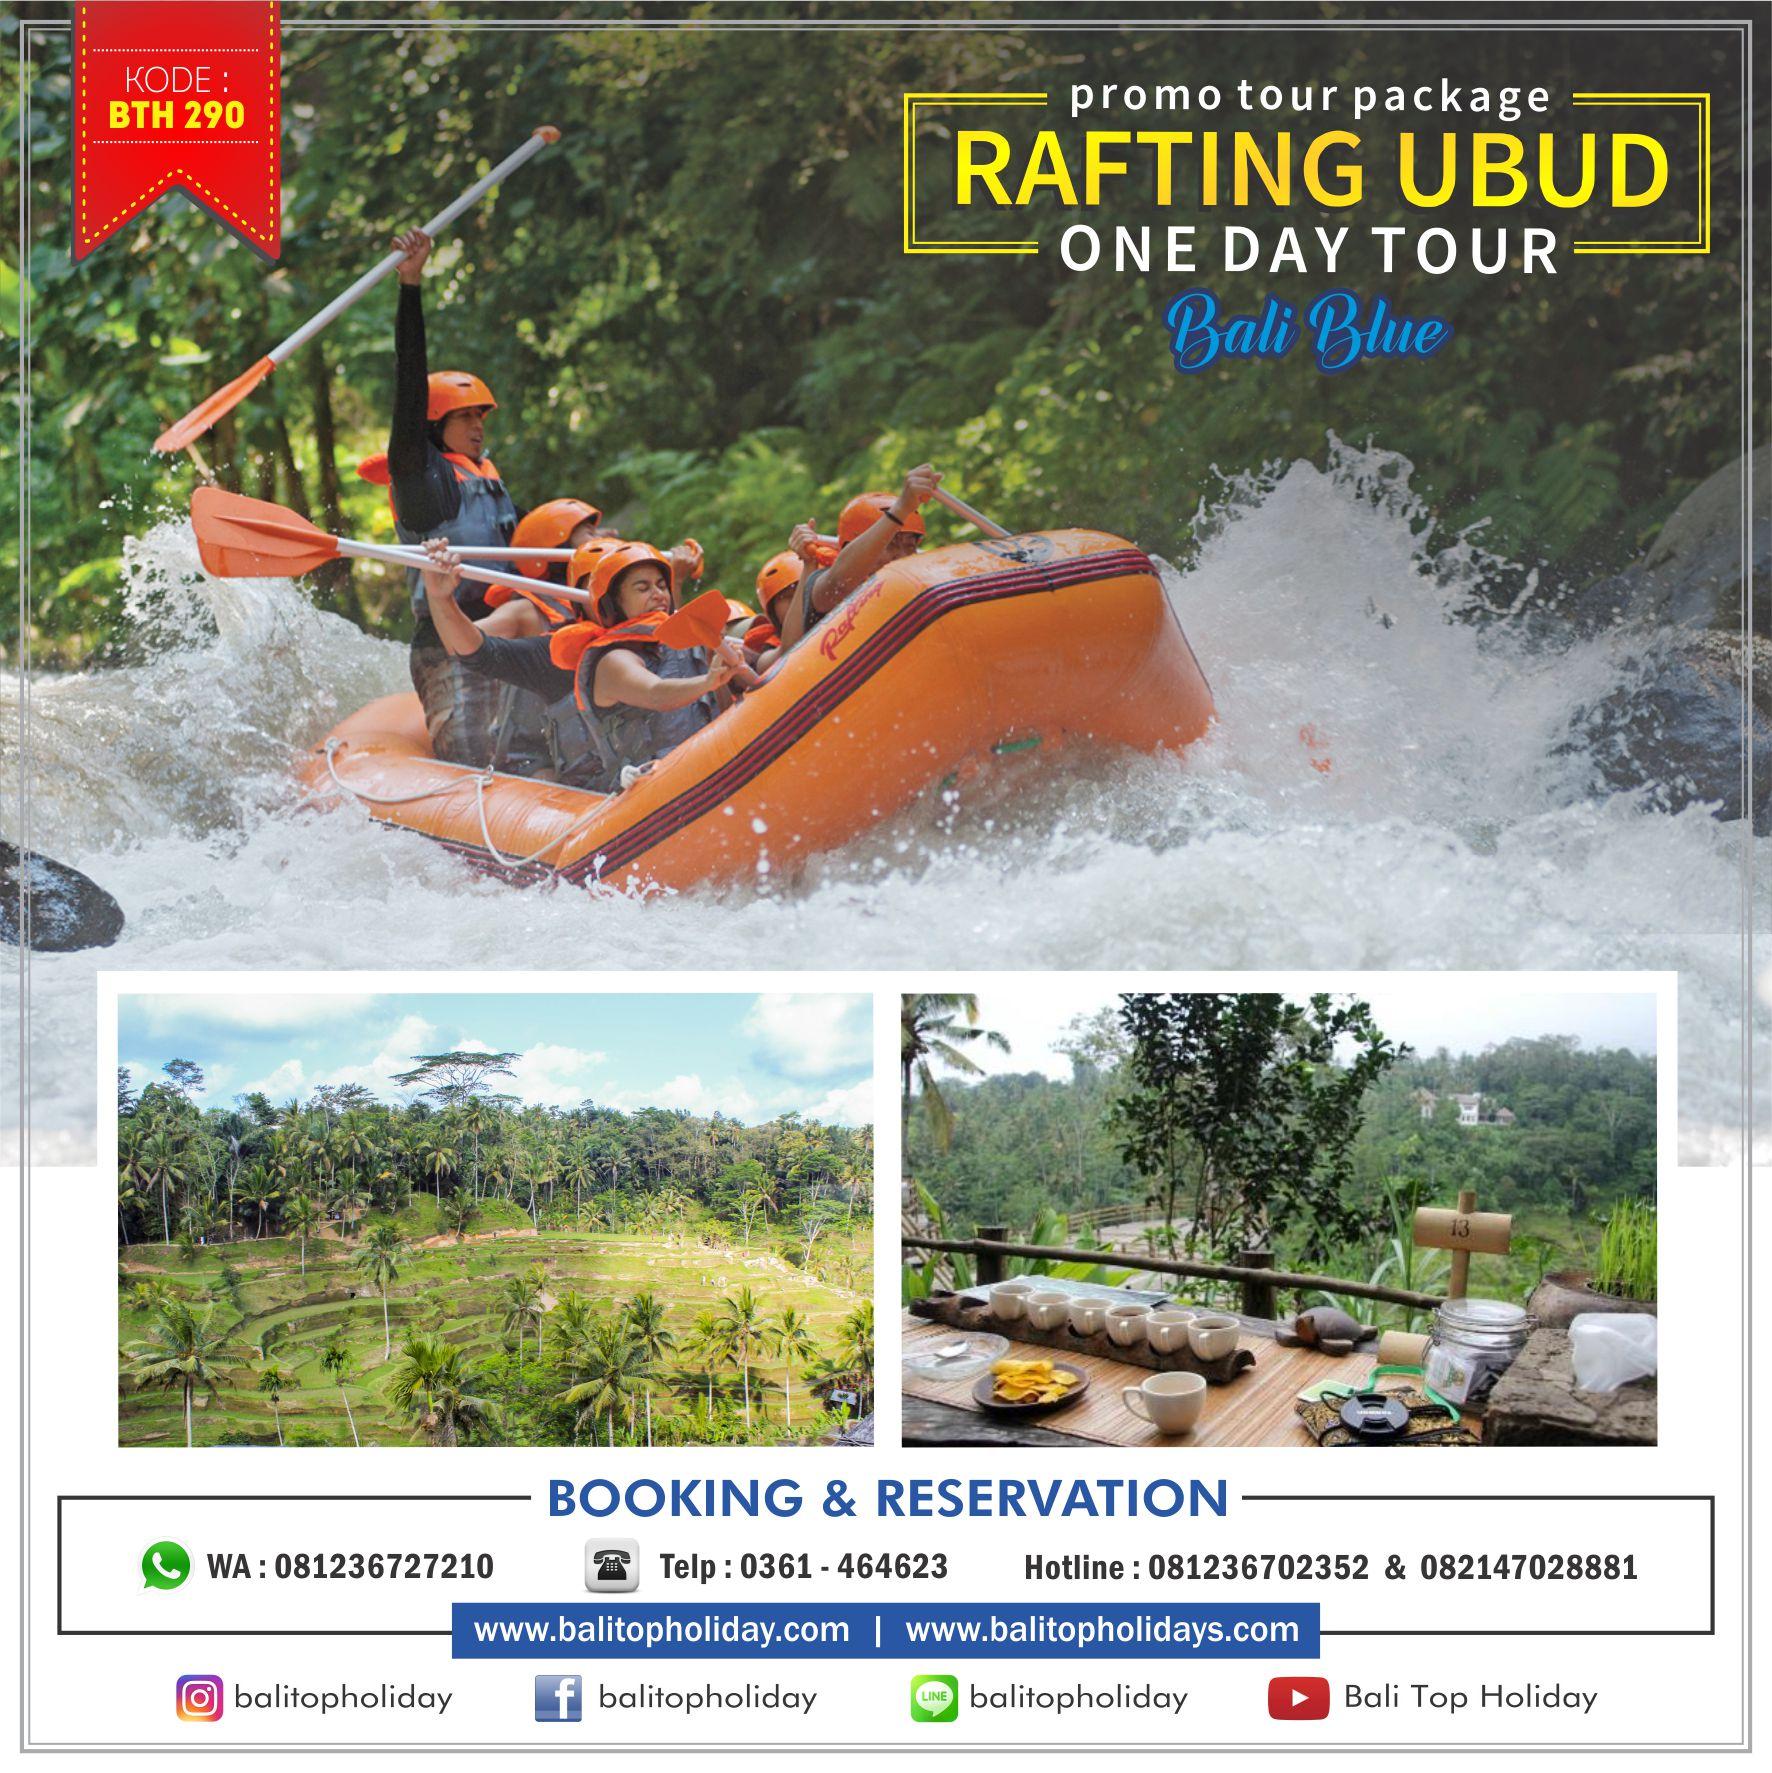 Paket tour Rafting ubud